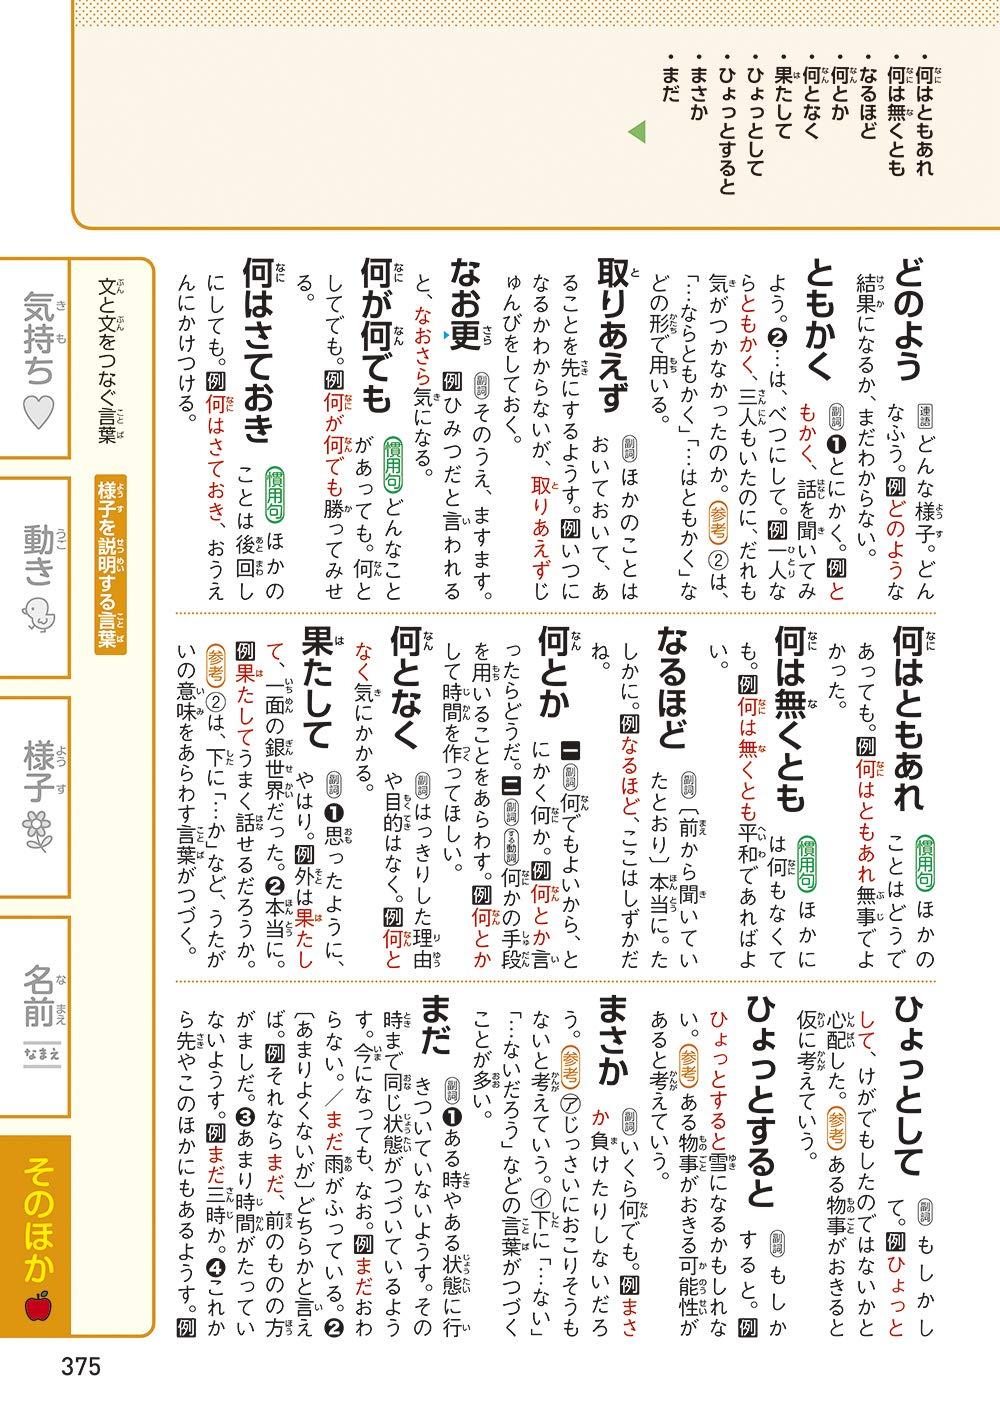 類語 きちんと きちんとしたの類語・関連語・連想語: 連想類語辞典